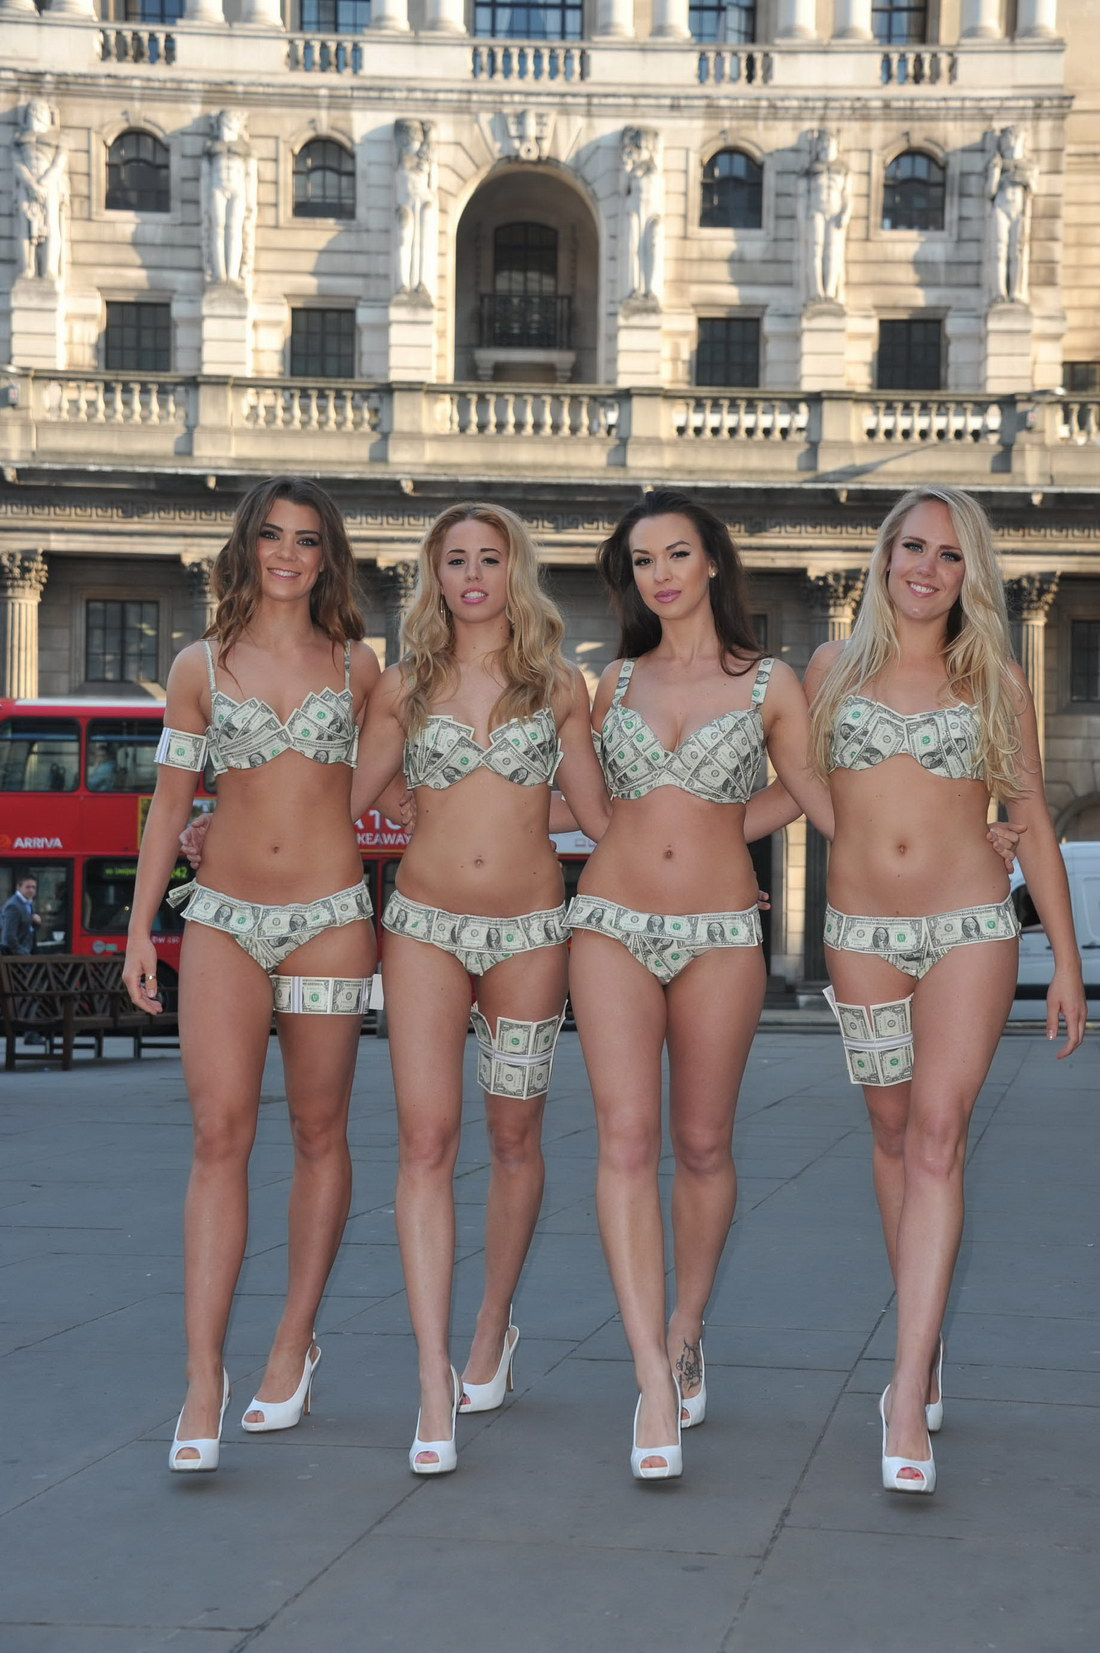 Девушки в бикини из долларовых купюр